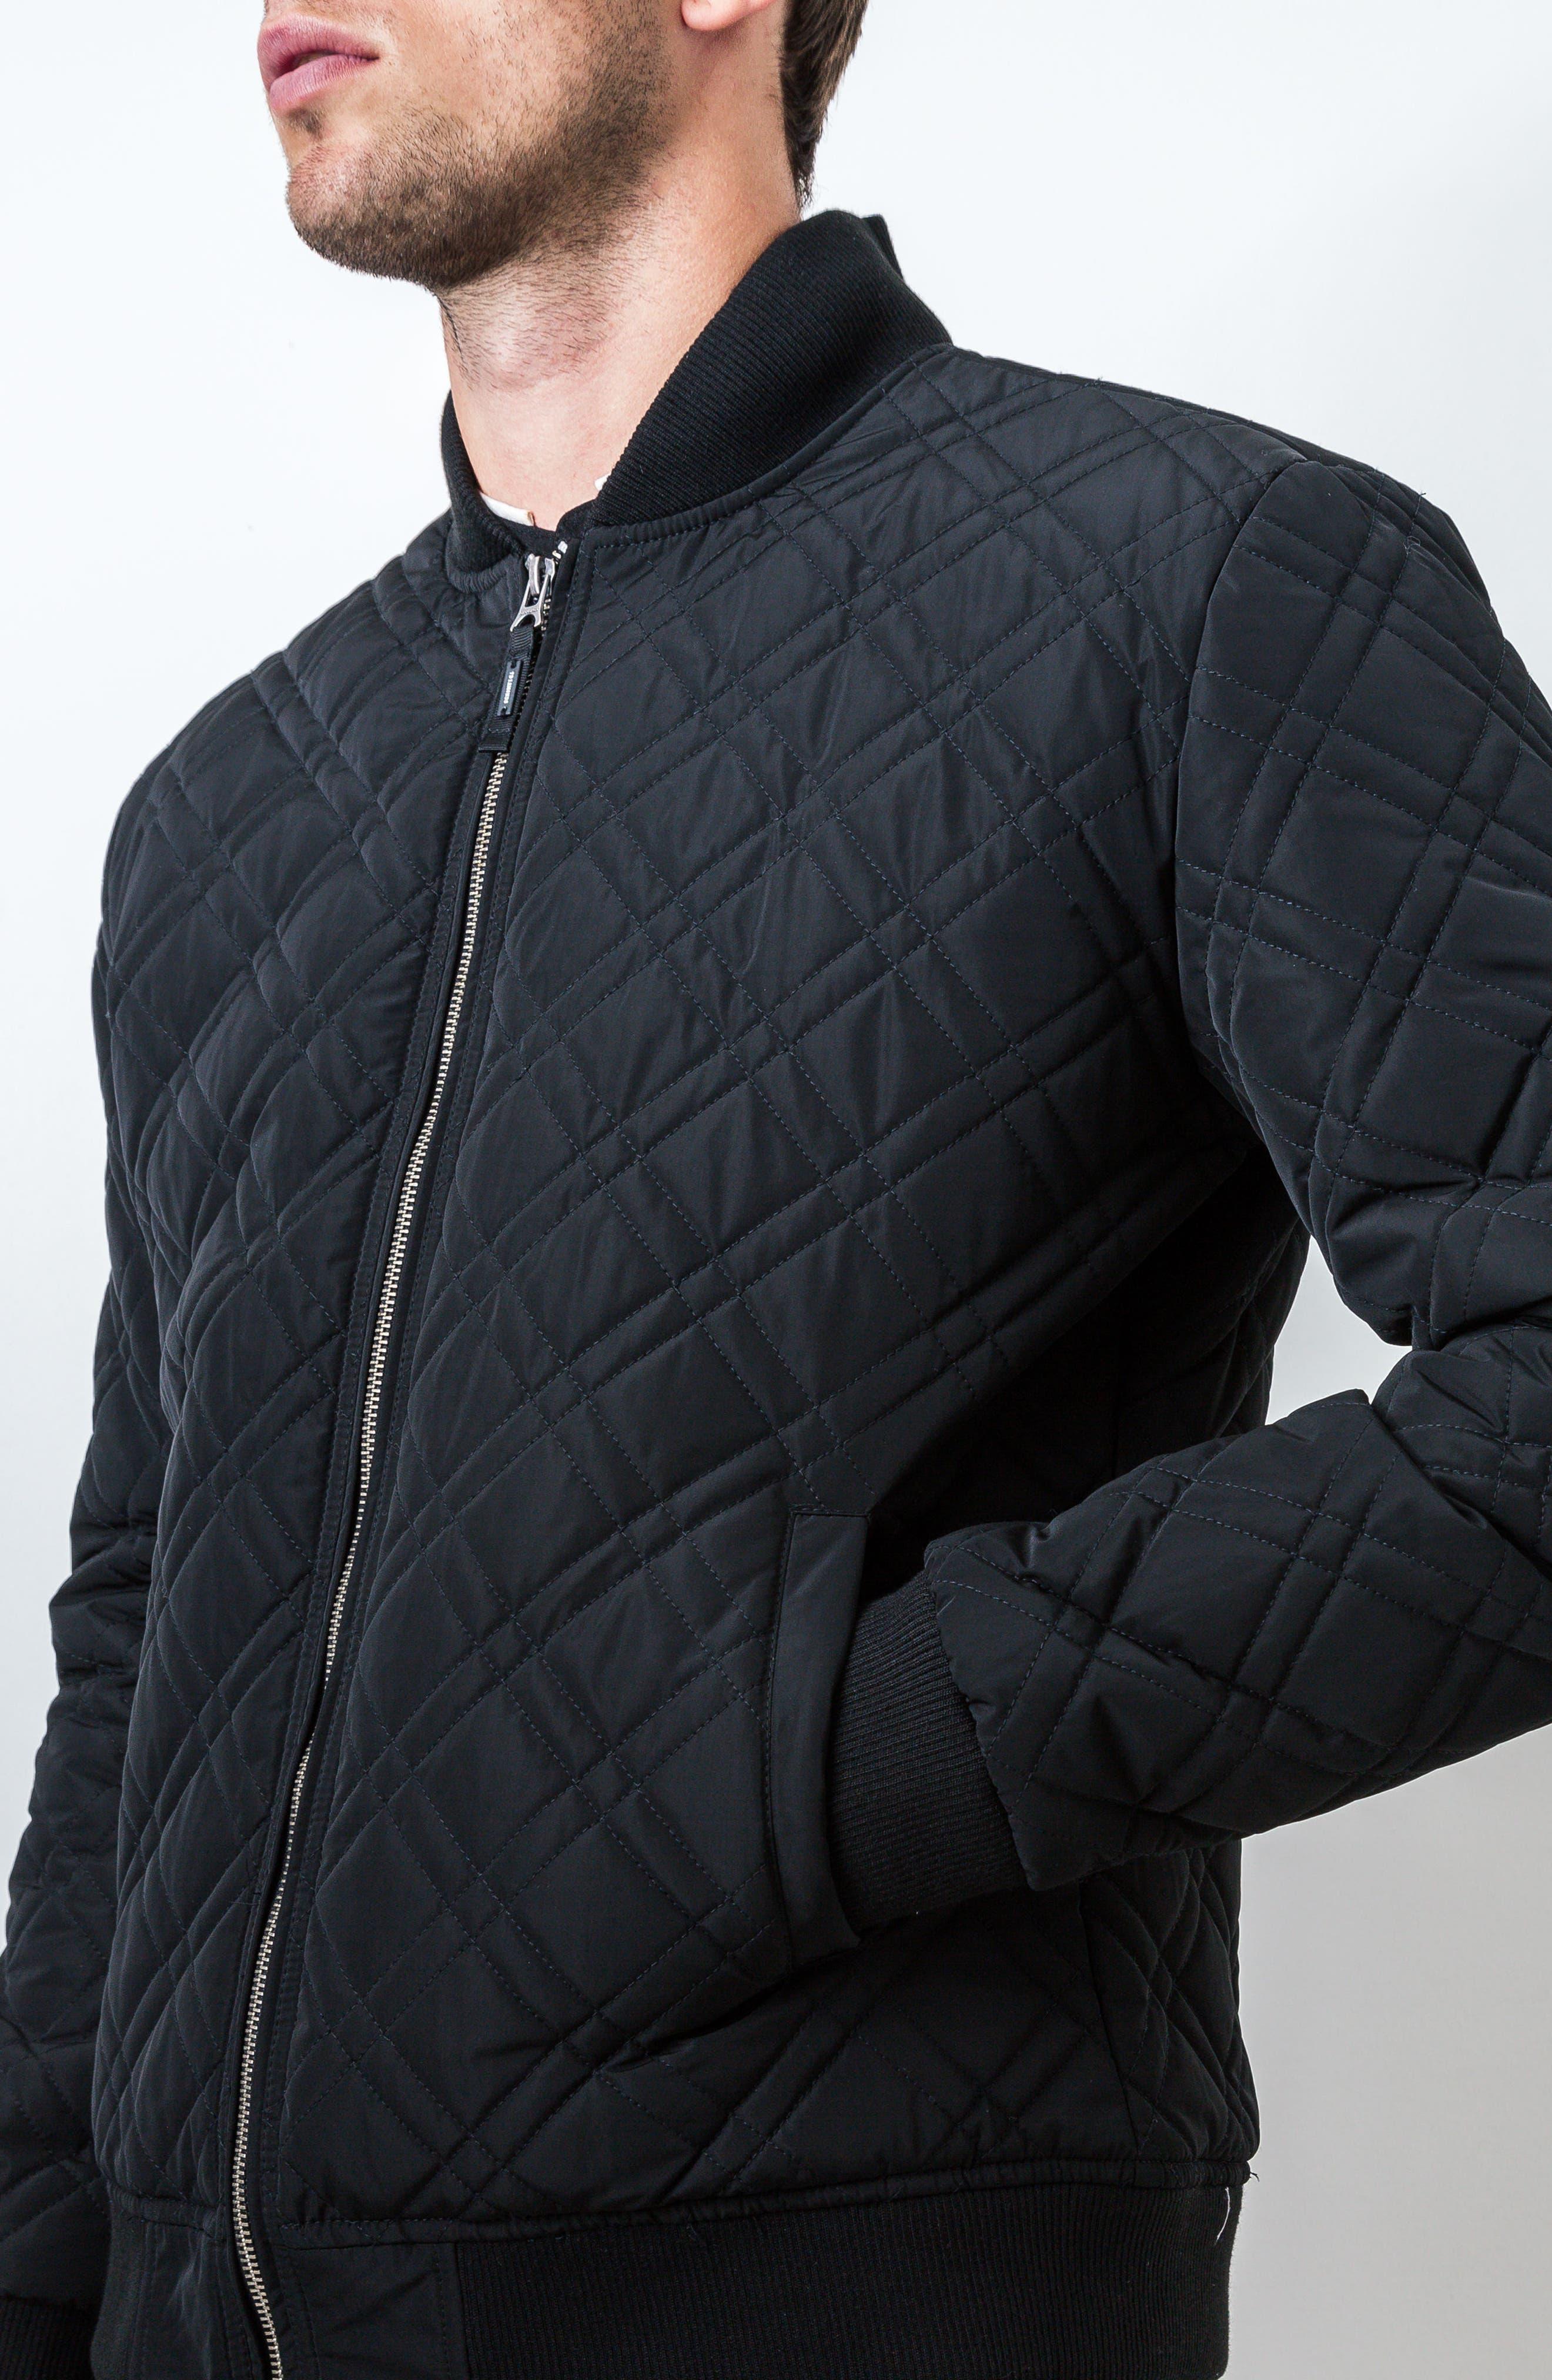 Arca Quilt Jacket,                             Alternate thumbnail 4, color,                             001